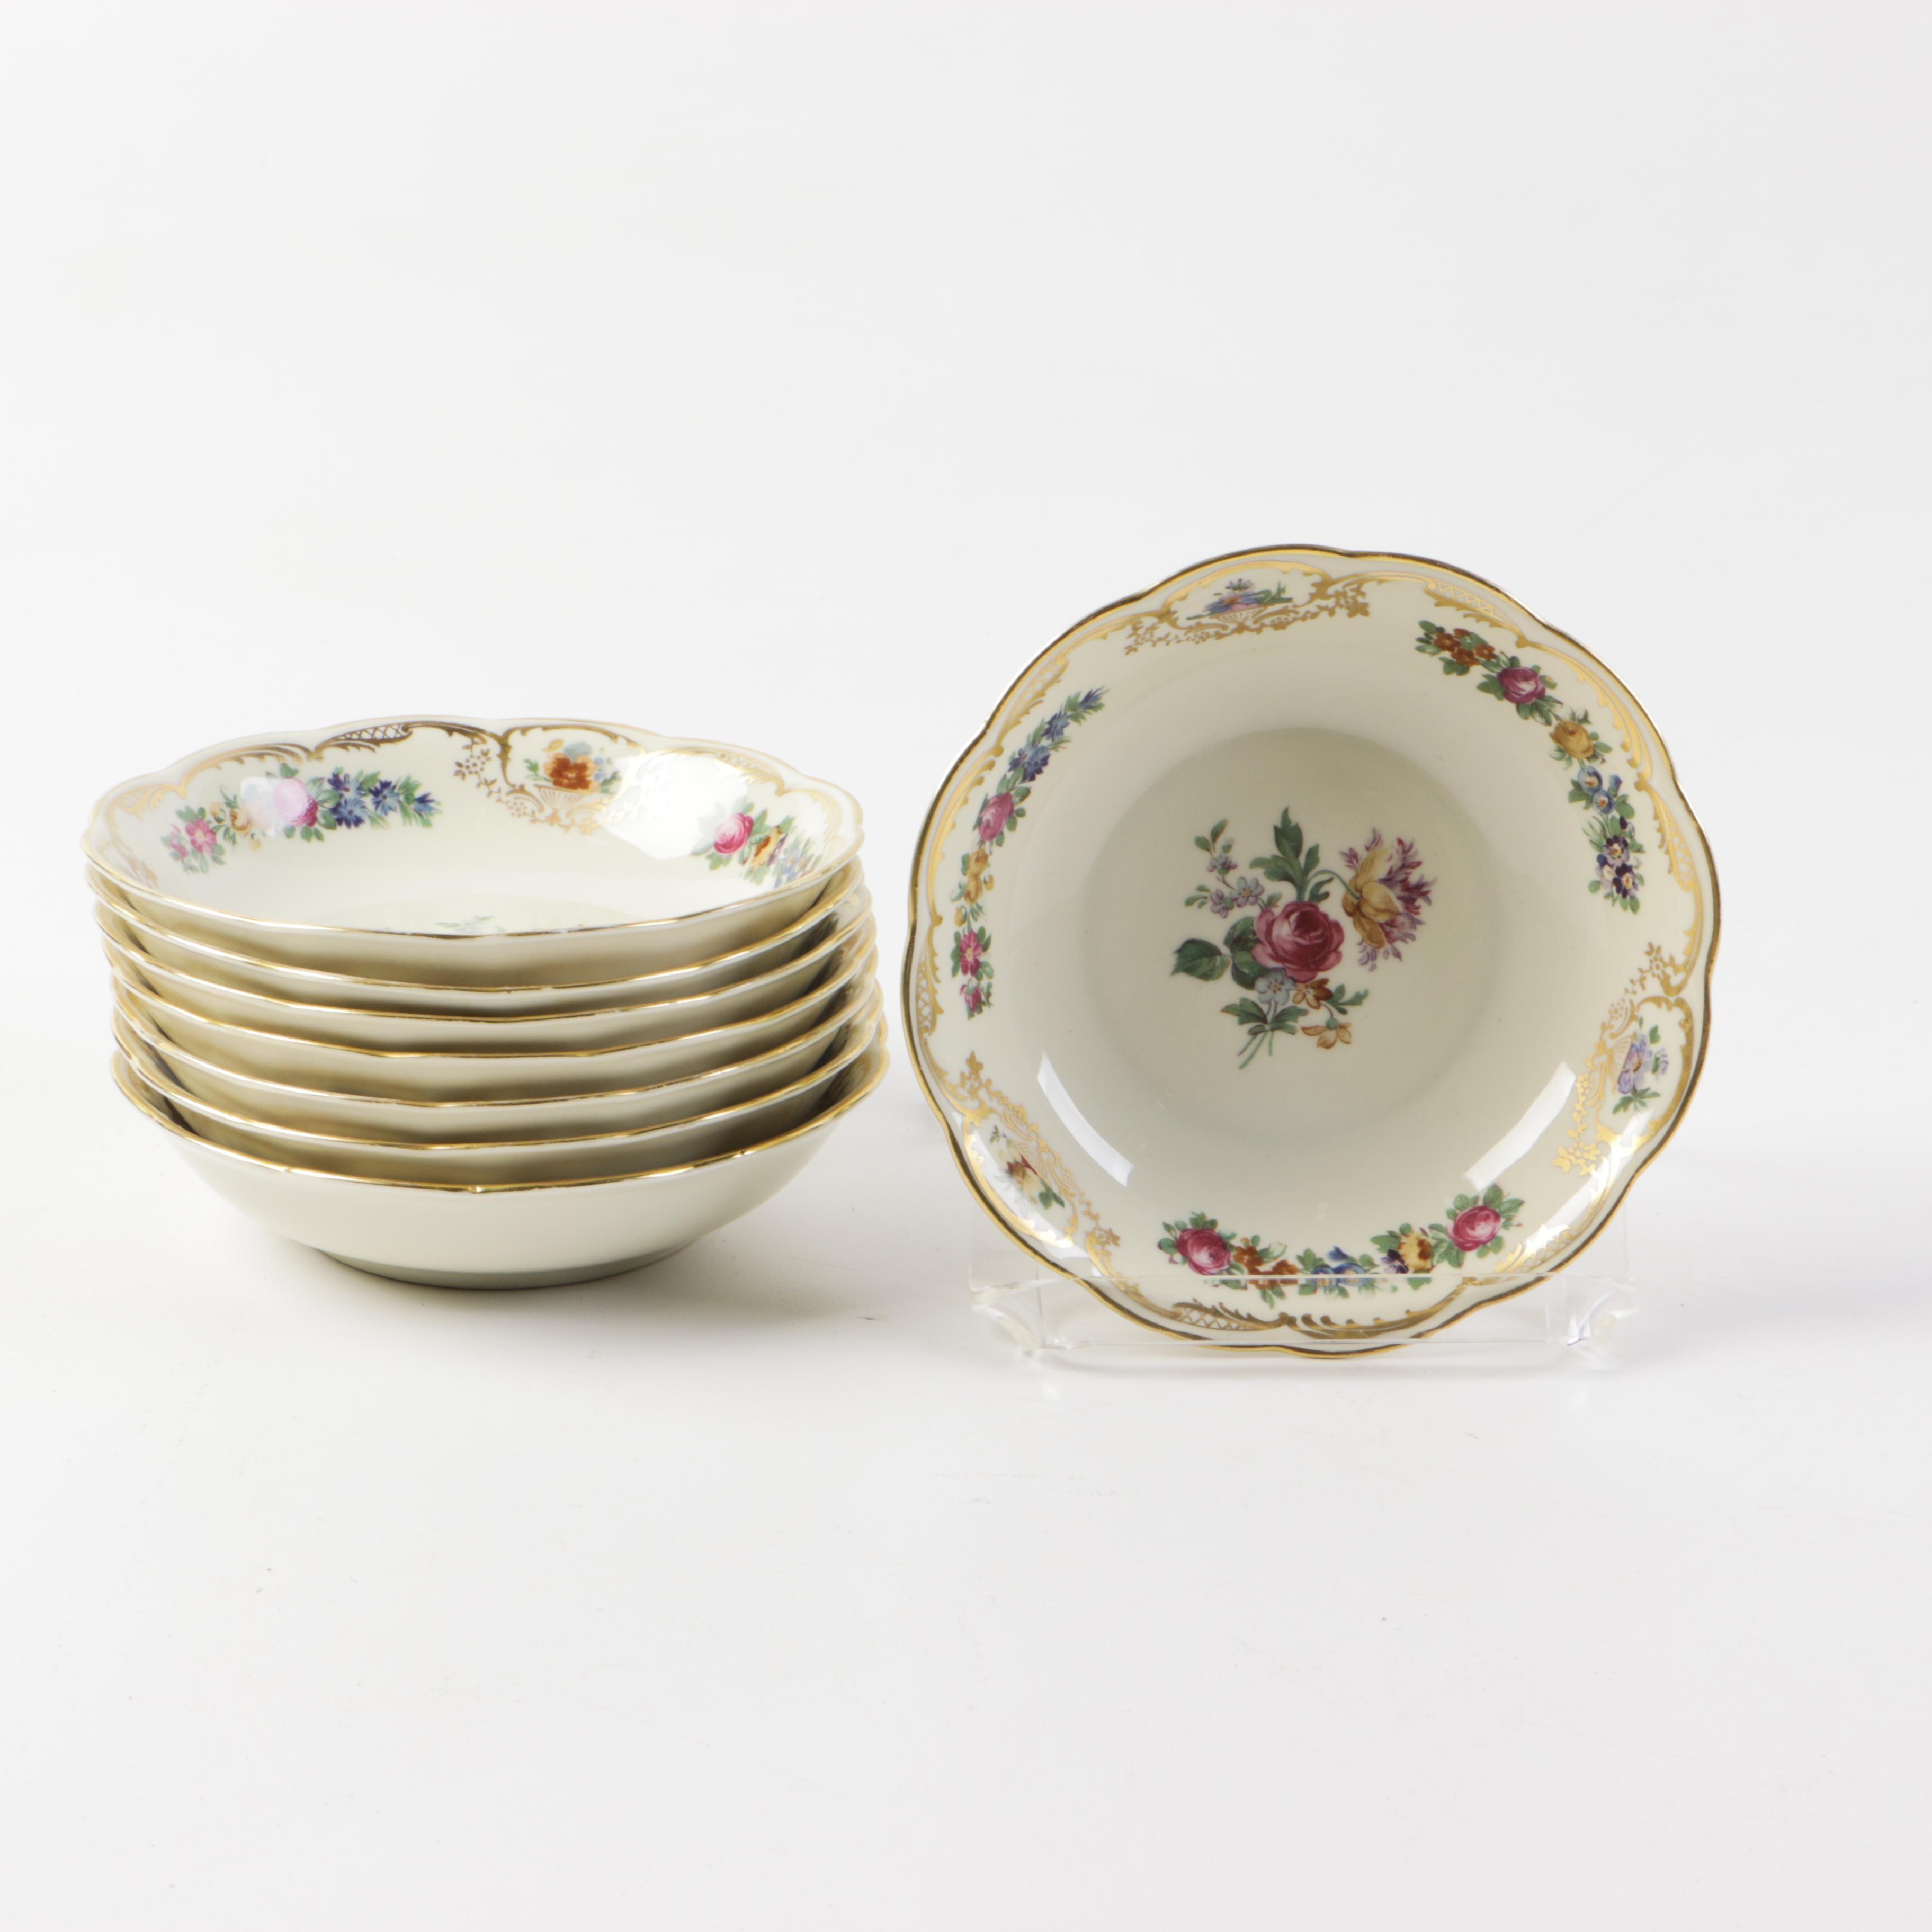 Set of Royal Bayreuth Bowls